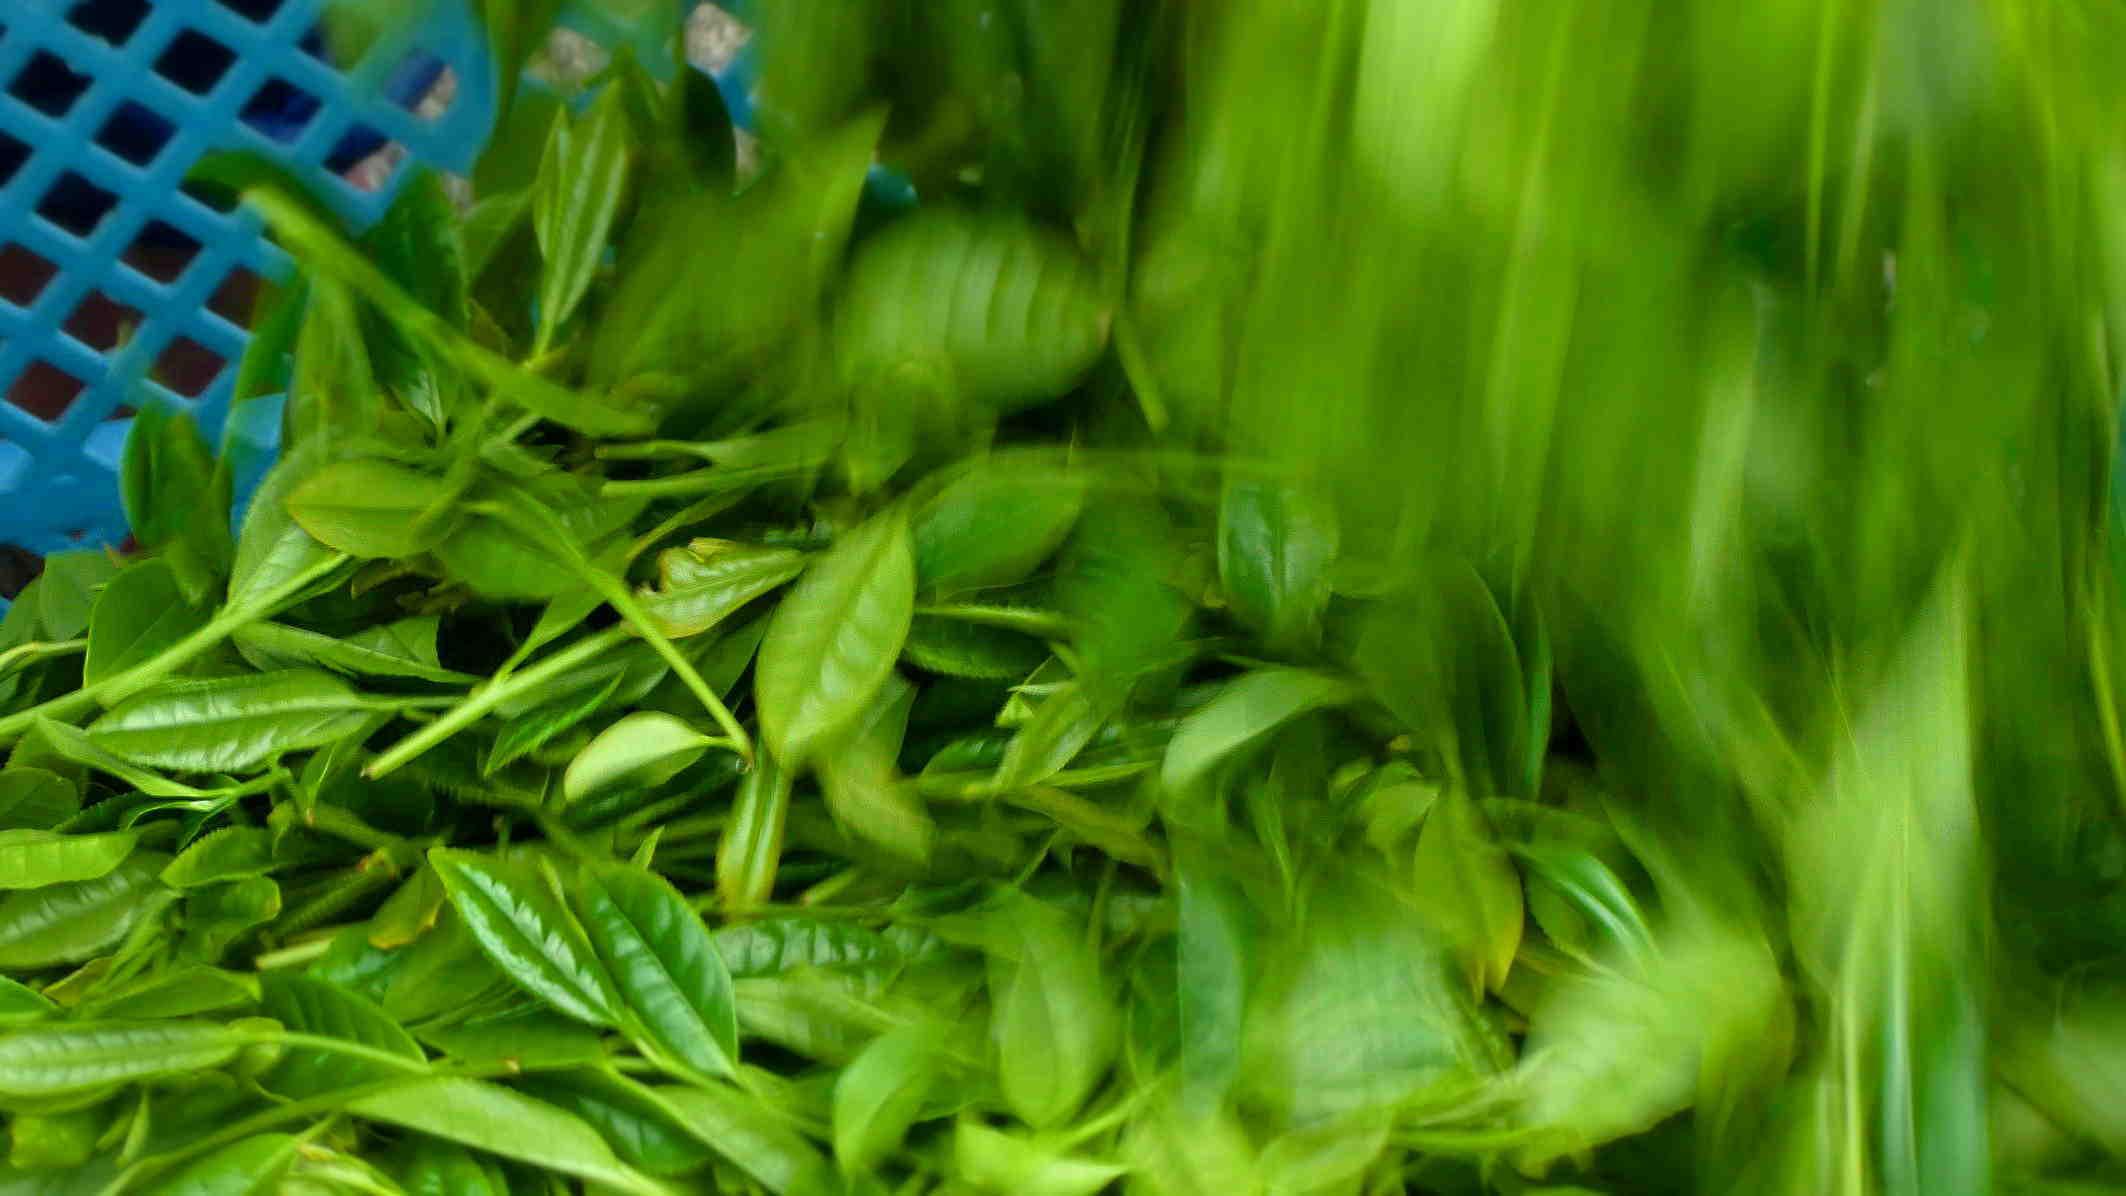 お茶の伝統 人間の絆に新しい想いを織り込んでいく   Tea tradition Add new feelings to the deep bond between humans. _a0391480_19531639.jpg